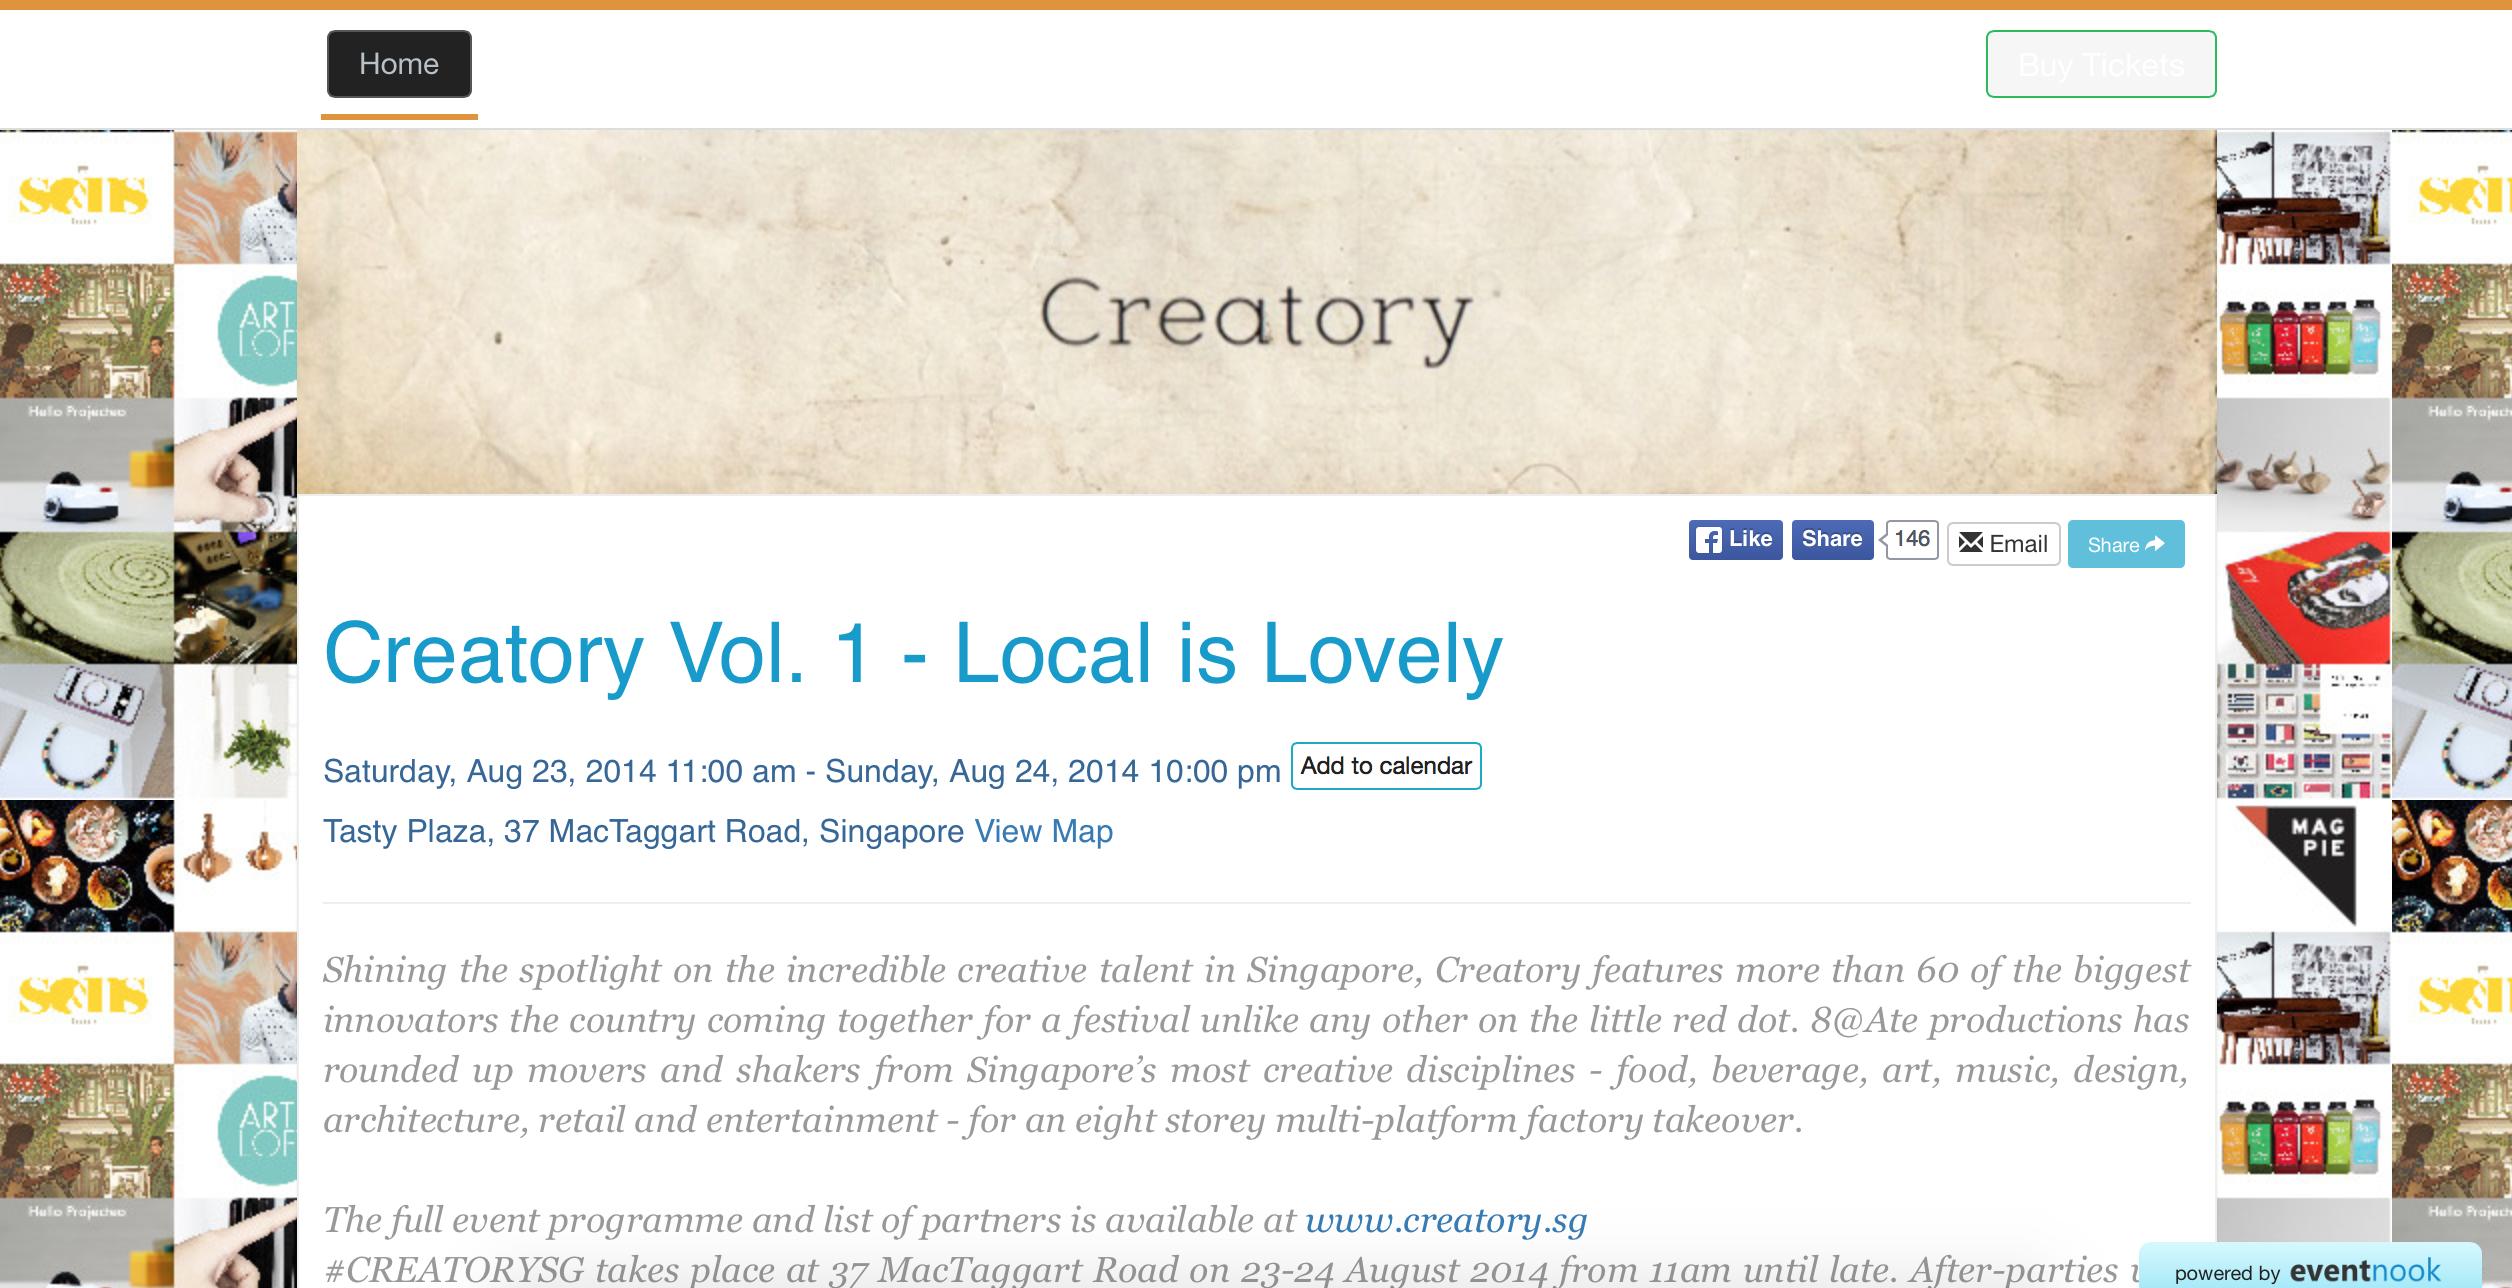 EventNook event registration site - Creatory Vol. 1 2014